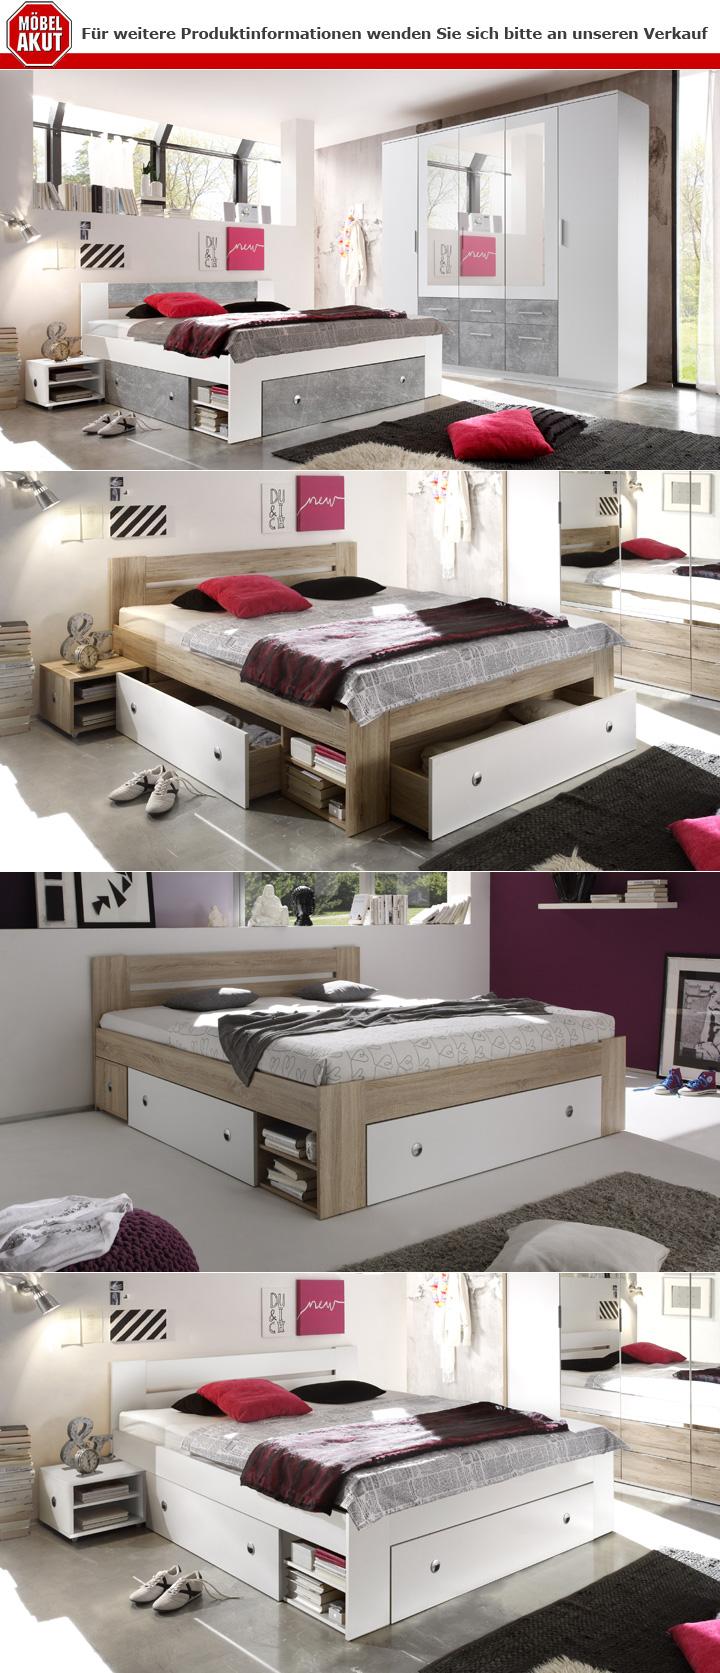 Schlafzimmer Stefan Box 5 Bett Schrank Nachttisch weiß Beton 4 ...